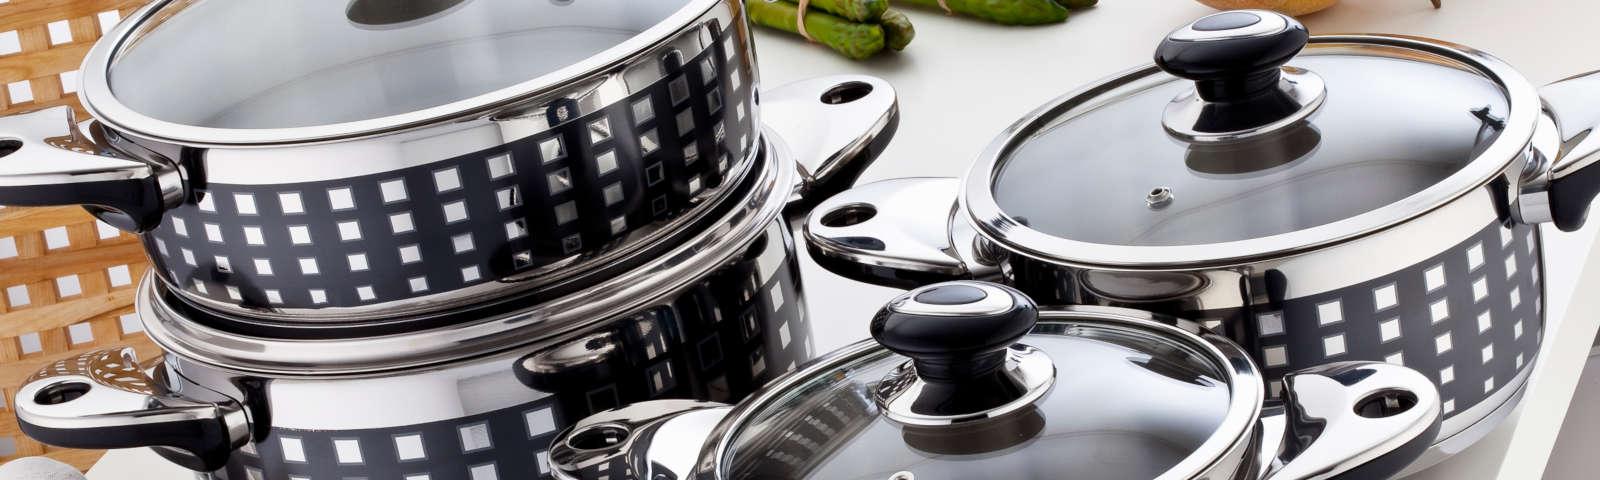 кастрюли на кухне фото